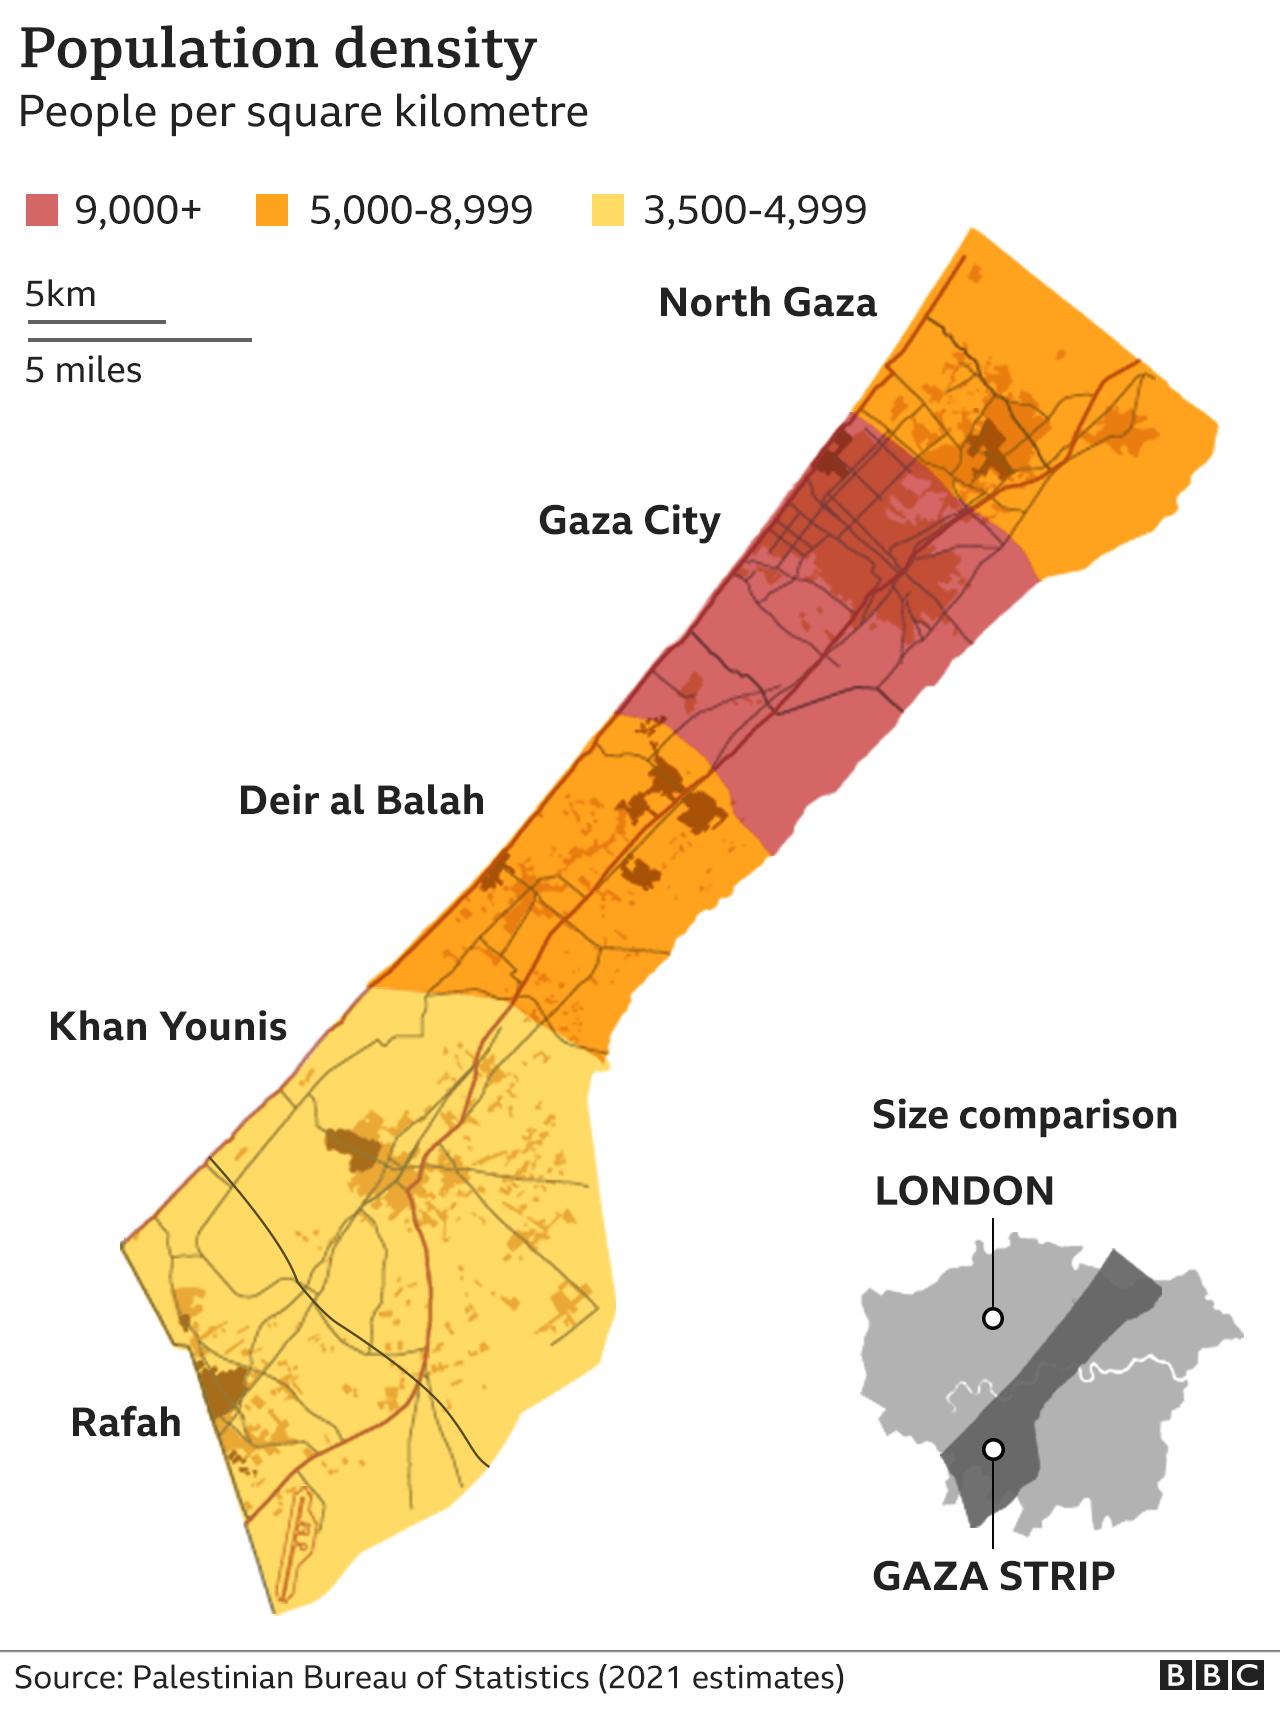 Population density map of Gaza